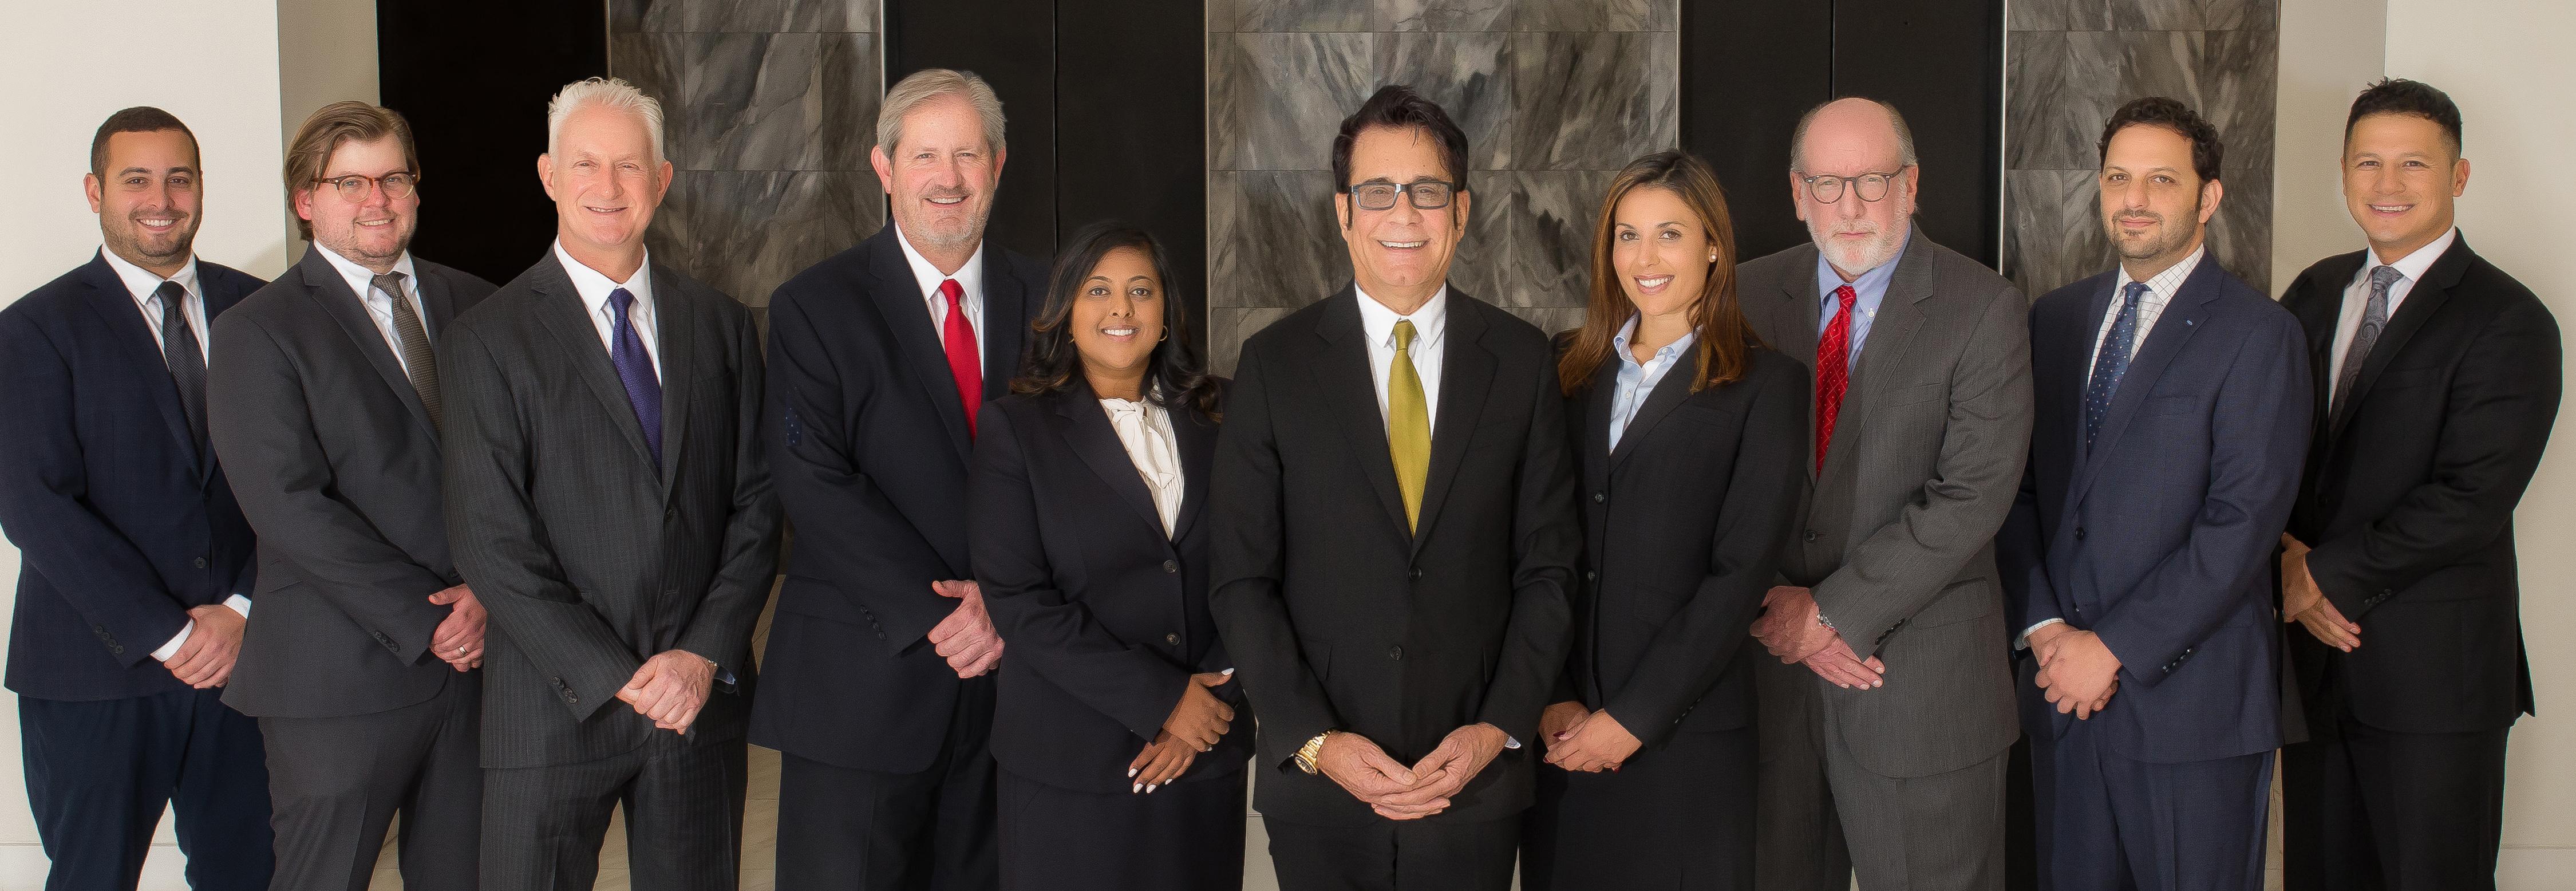 Rad Law Firm - Dallas, TX Reviews, Ratings | Personal Injury Law near 8001 LBJ Freeway , Dallas TX